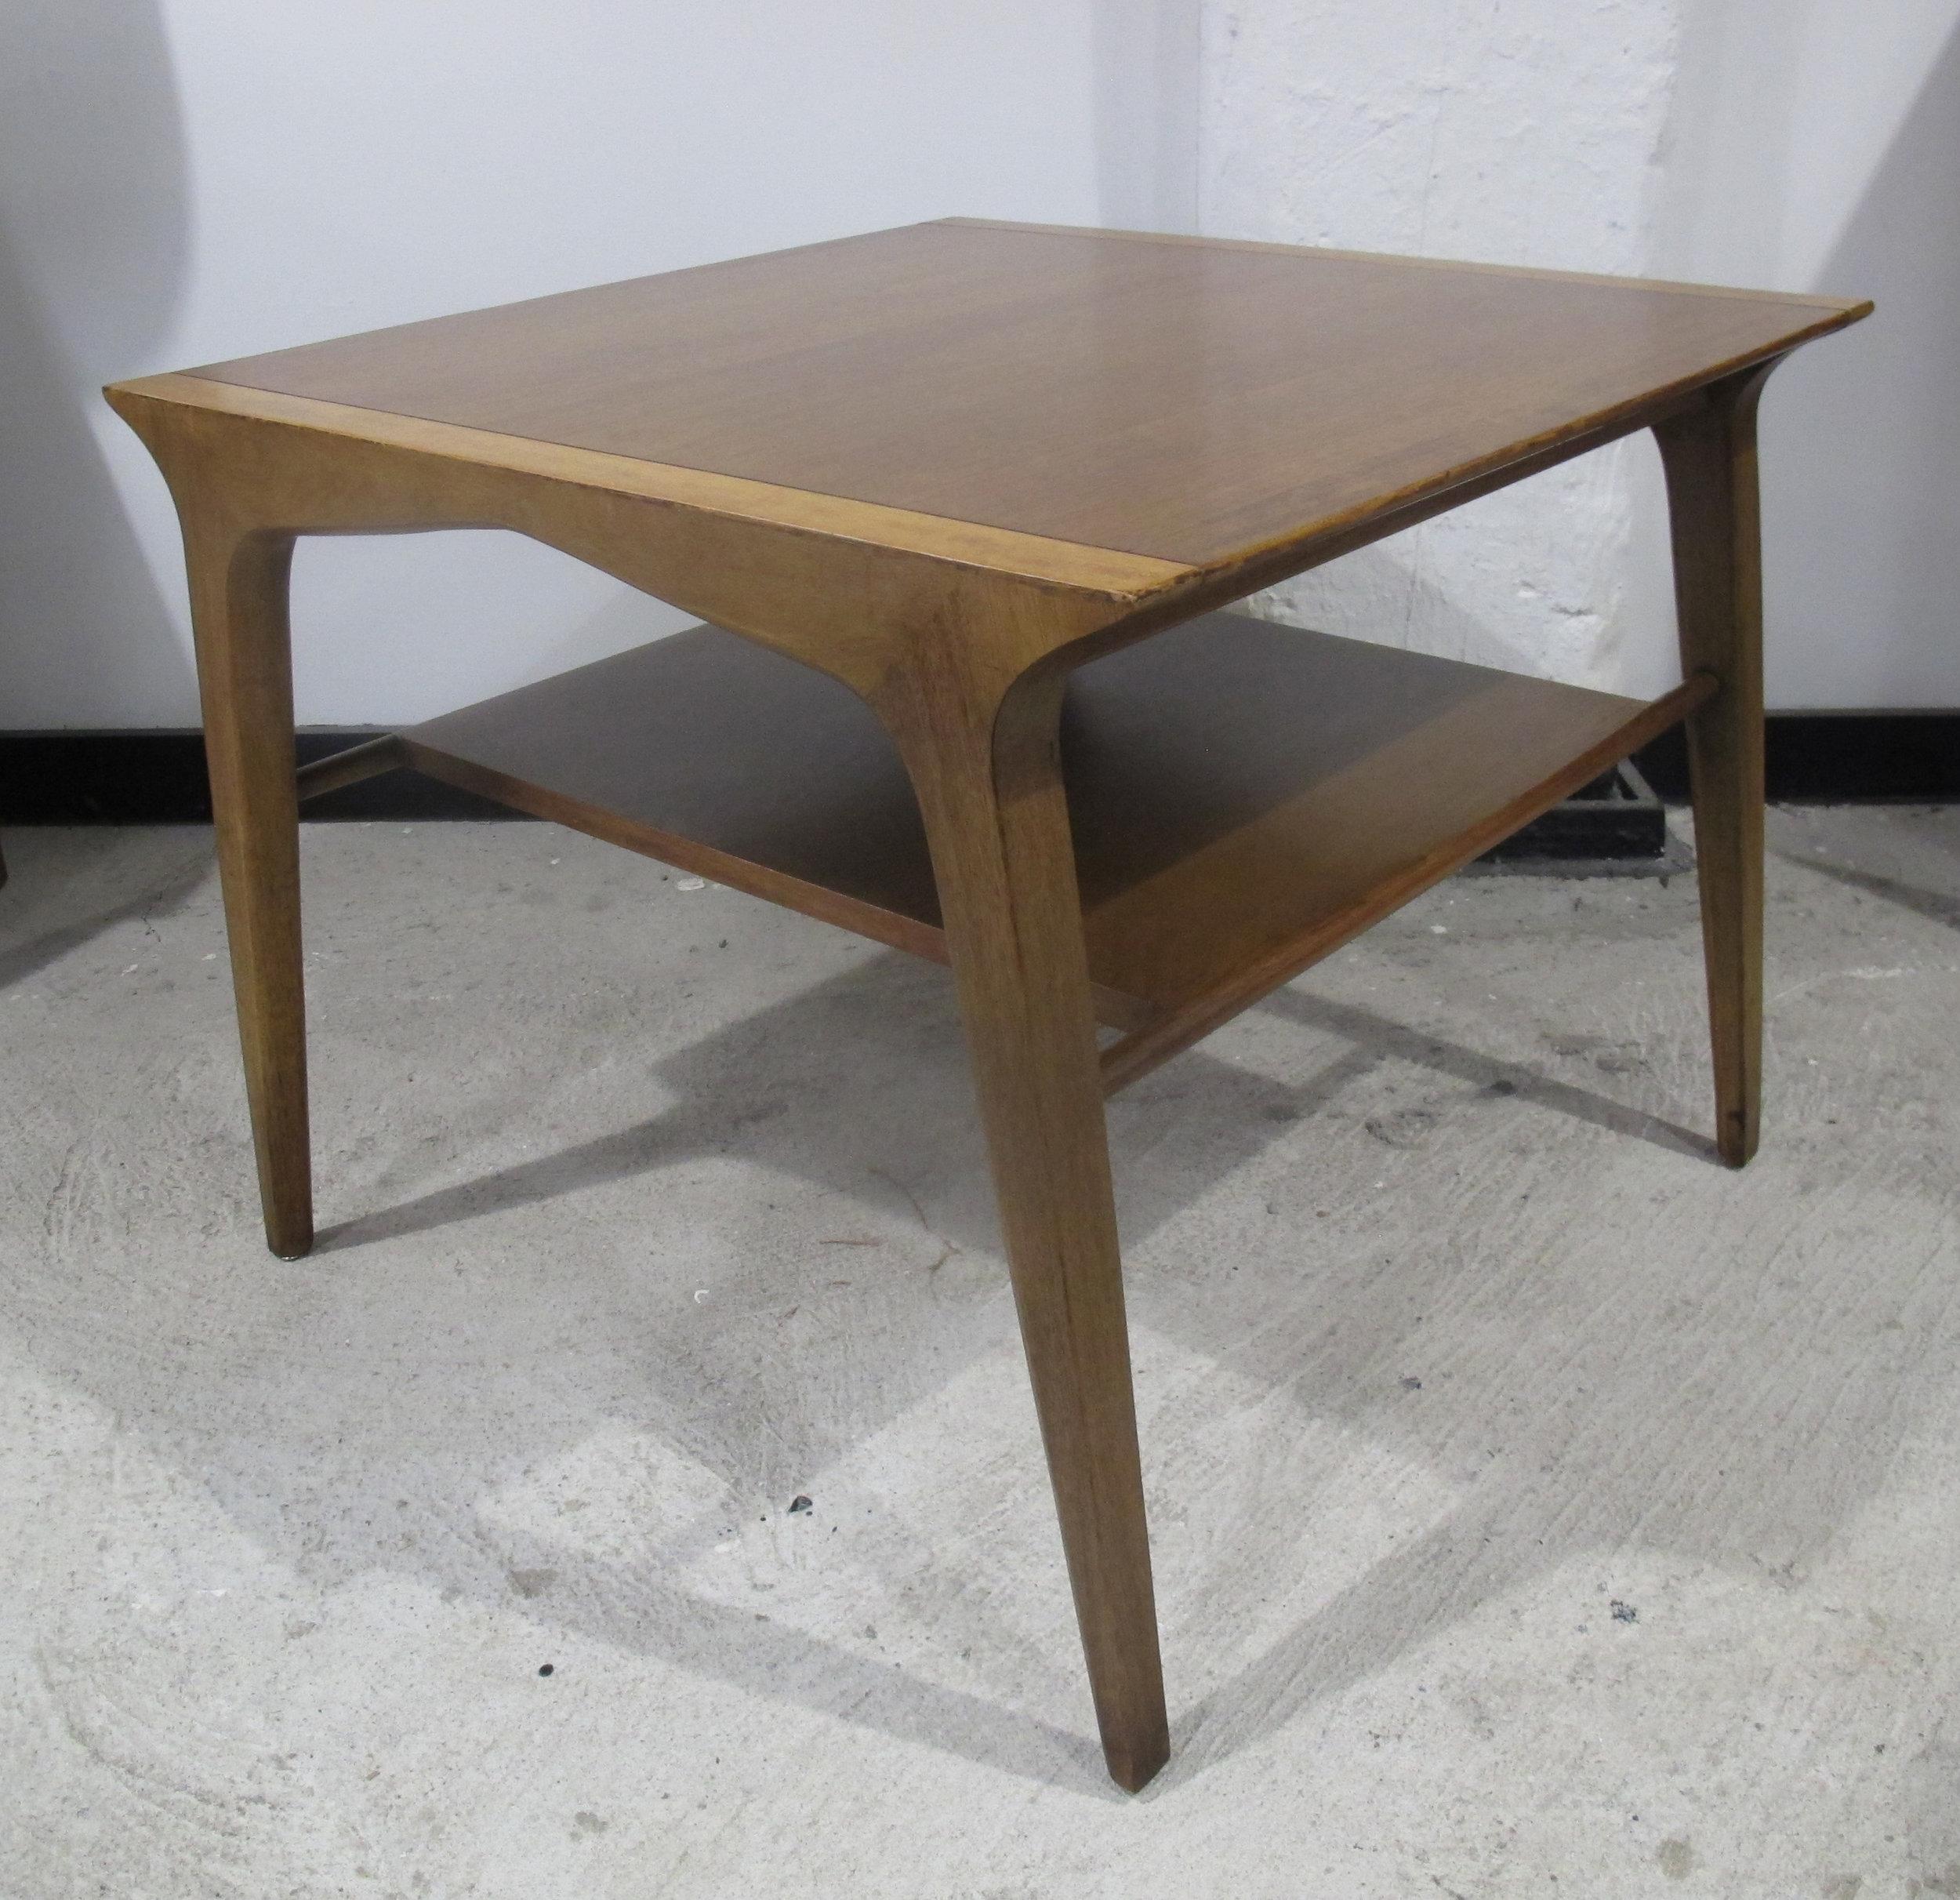 DREXEL PROFILE MID CENTRY WALNUT SIDE TABLE BY JOHN VAN KOERT